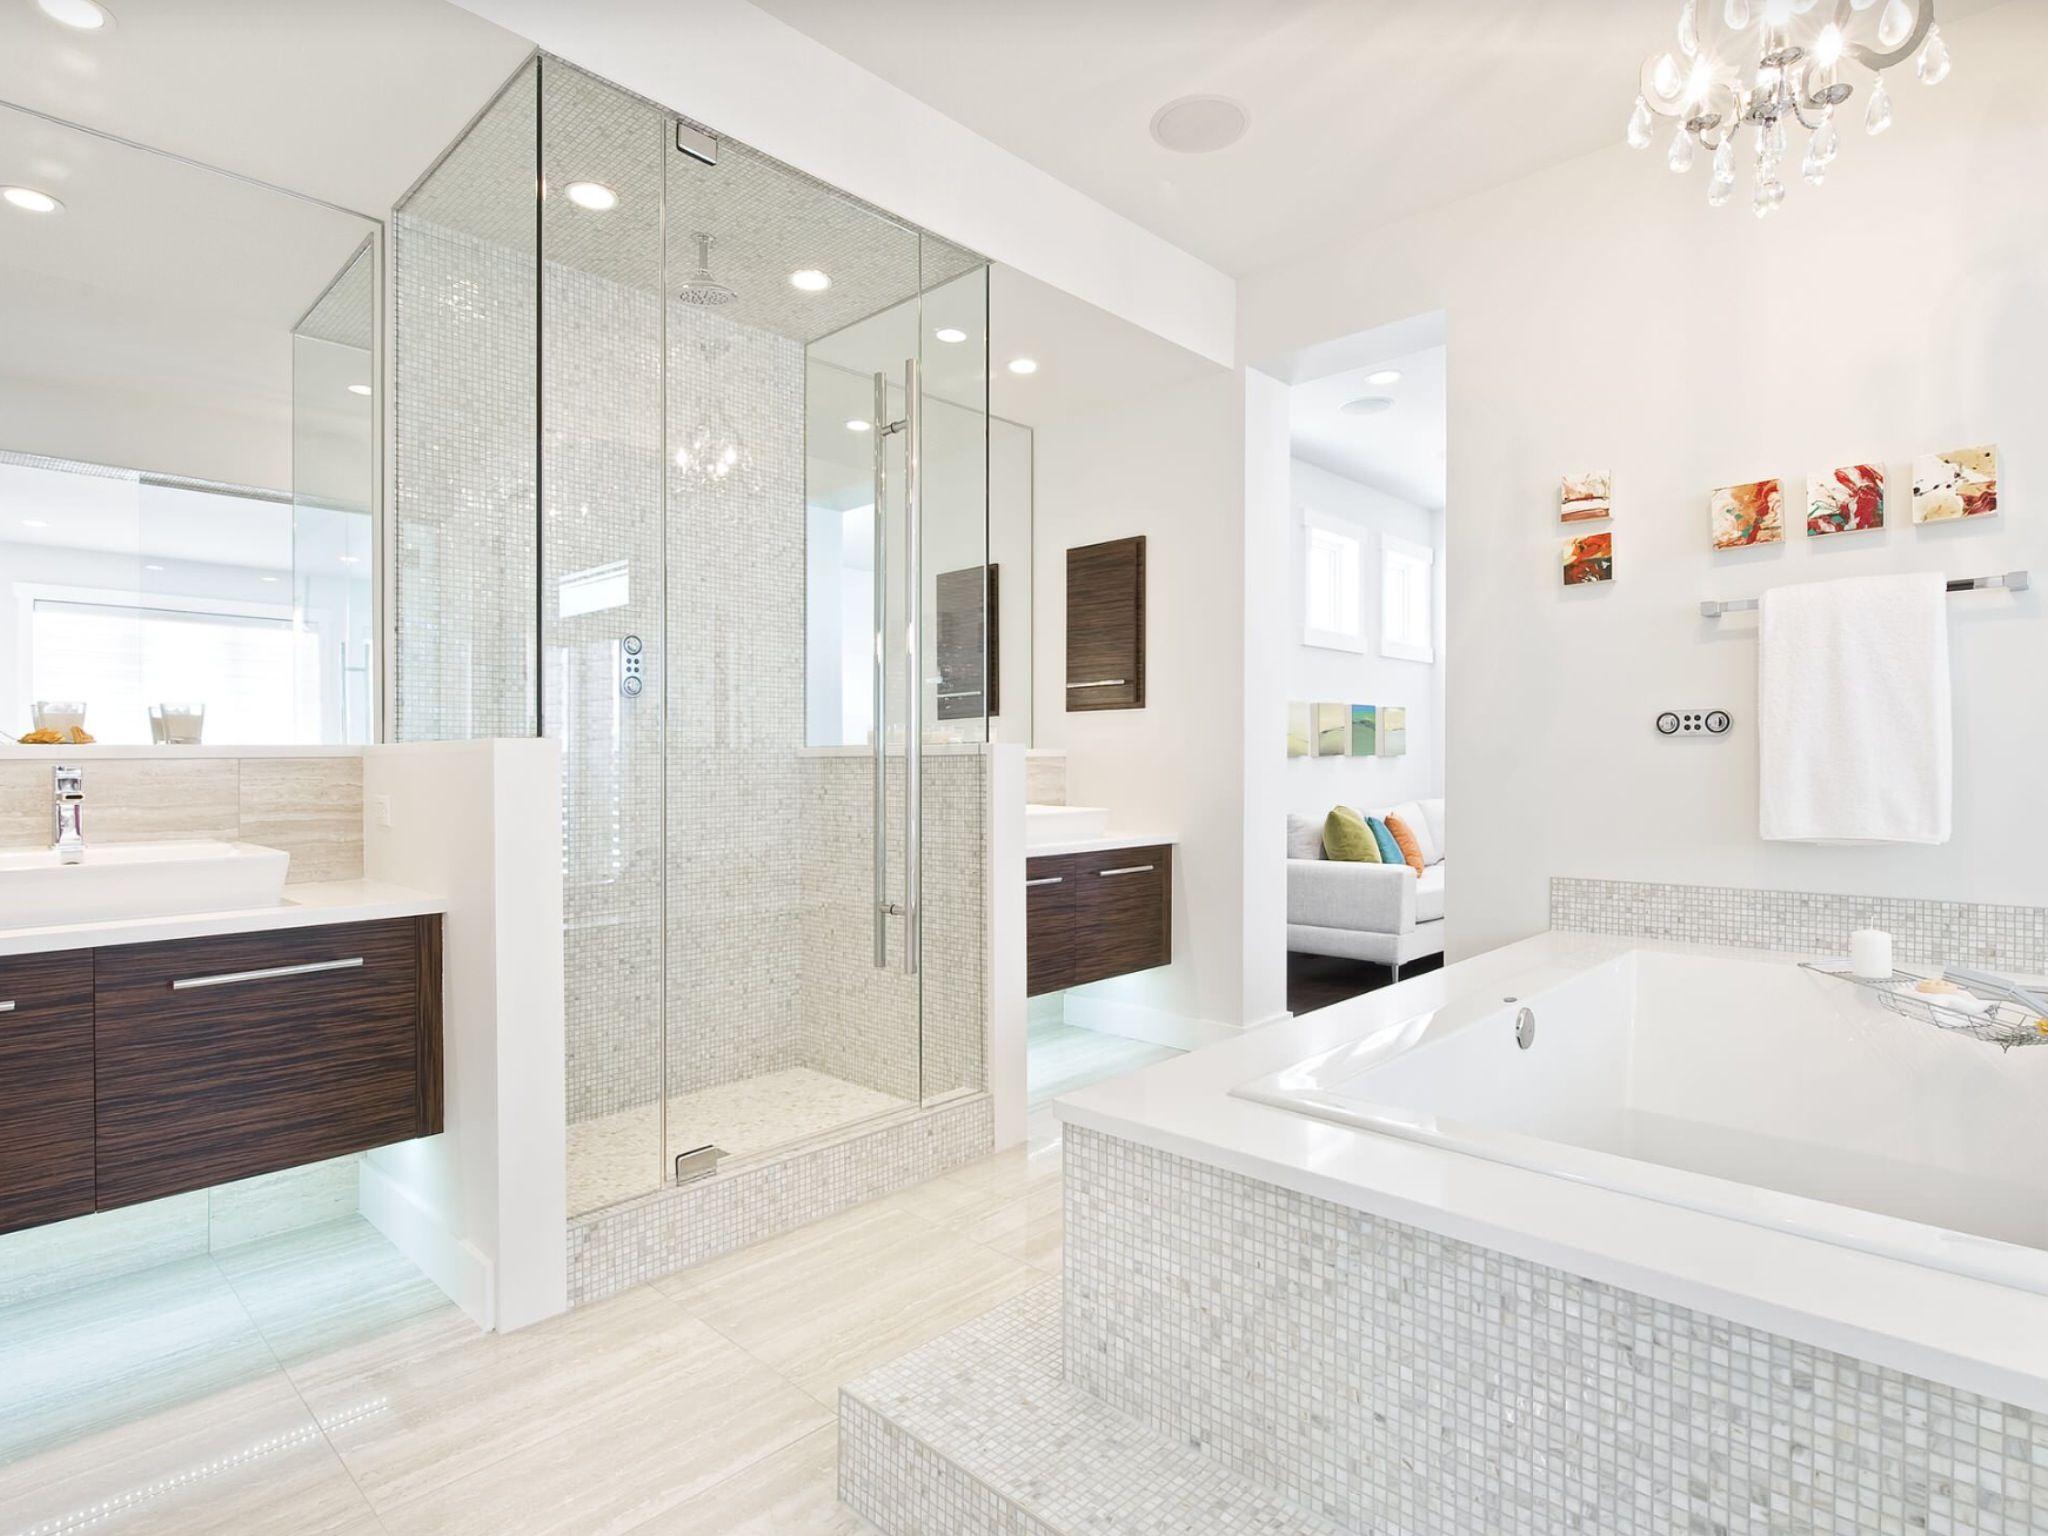 CARRARA BATHROOMS | Surfaces USA | Home | Pinterest | Carrara